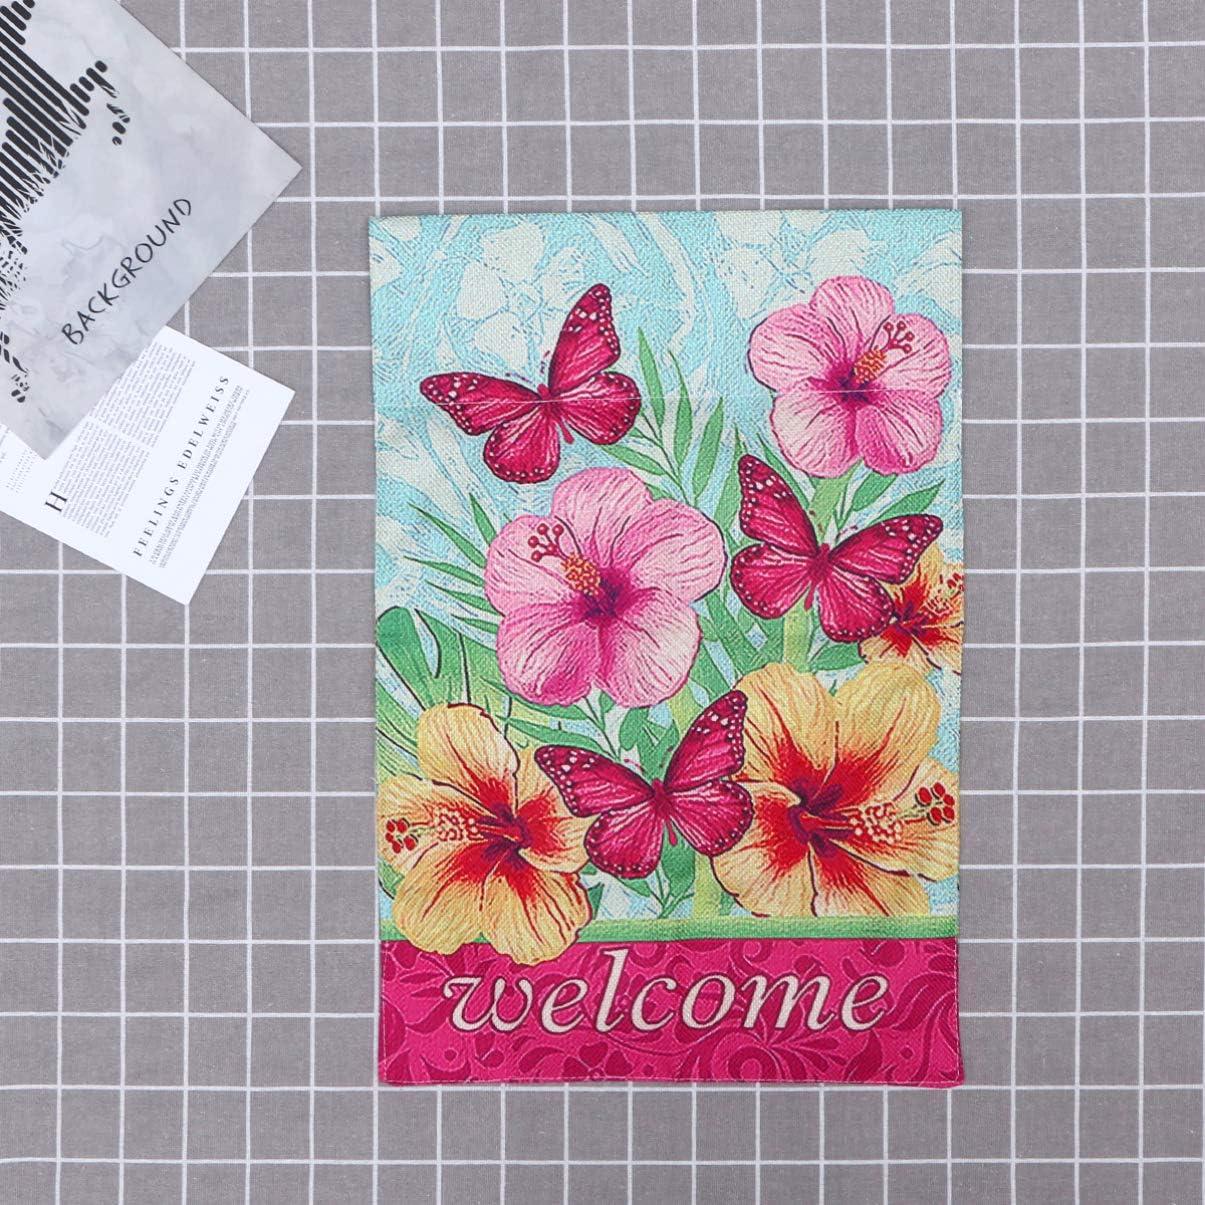 Yardwe Gartenflaggenblumen Und Schmetterlinge Begr/ü/ßen Doppelseitige Frische St/ützenflaggen Der Amerikanischen Art Der Baumwolle f/ür Parteihausgartengesch/äft